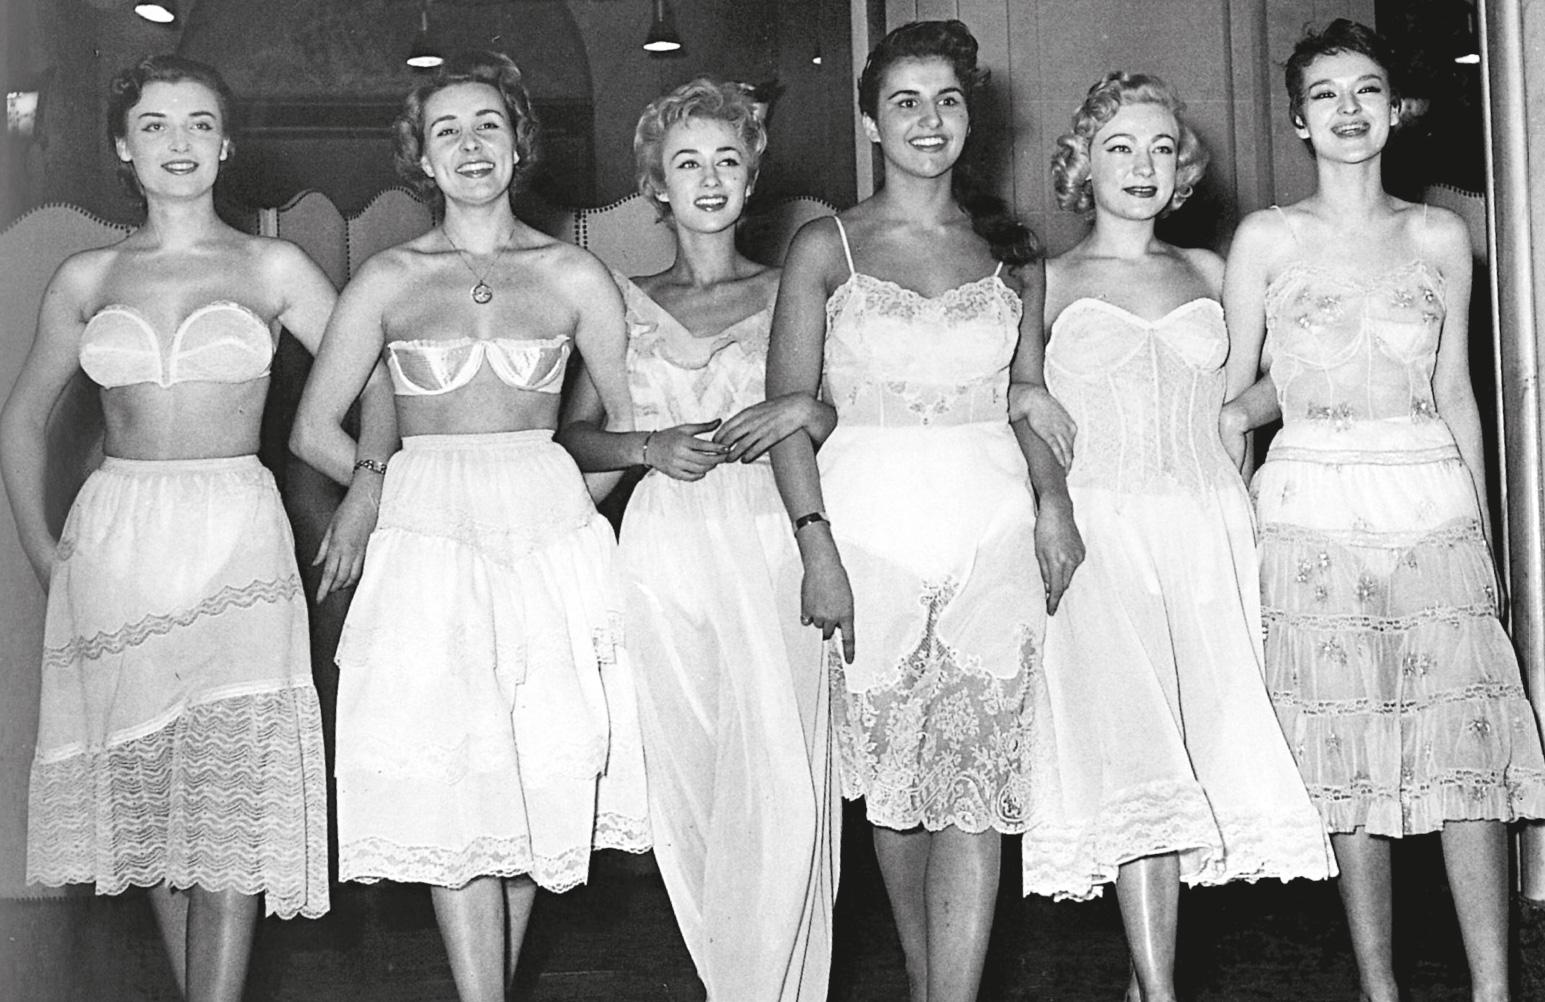 Dessous von Felina aus den 50er Jahren